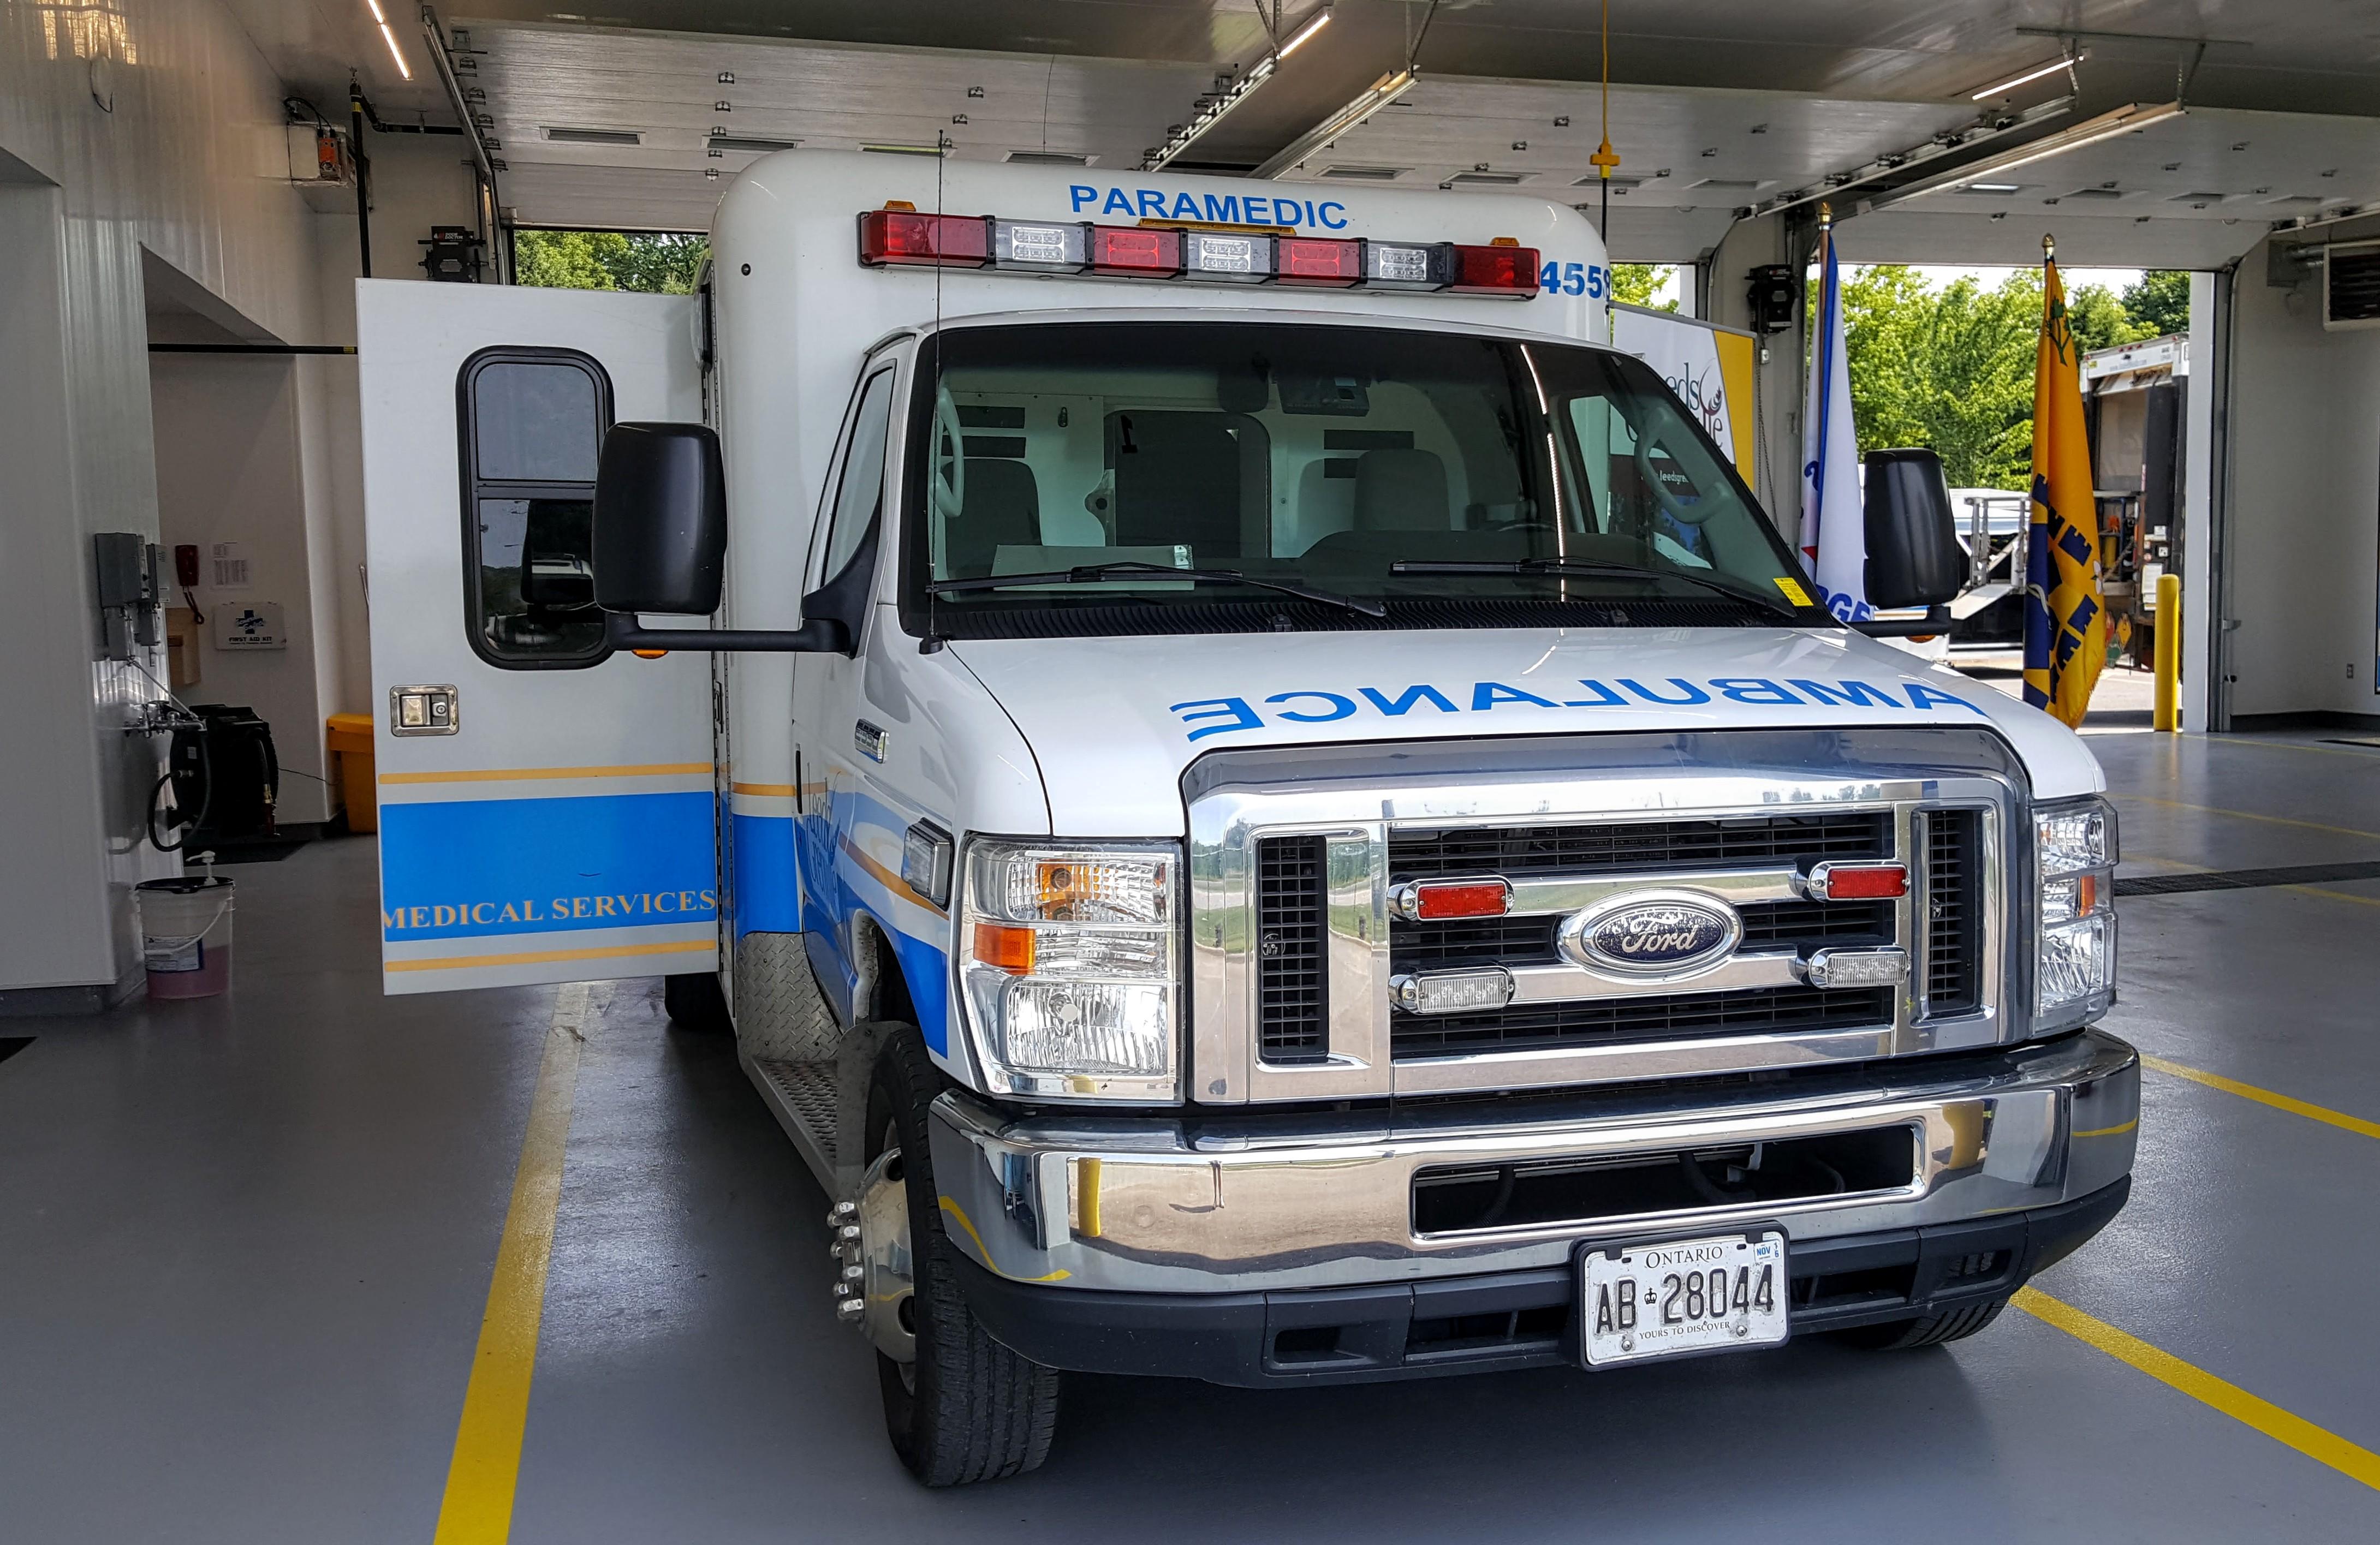 Grand Tour Paramedic